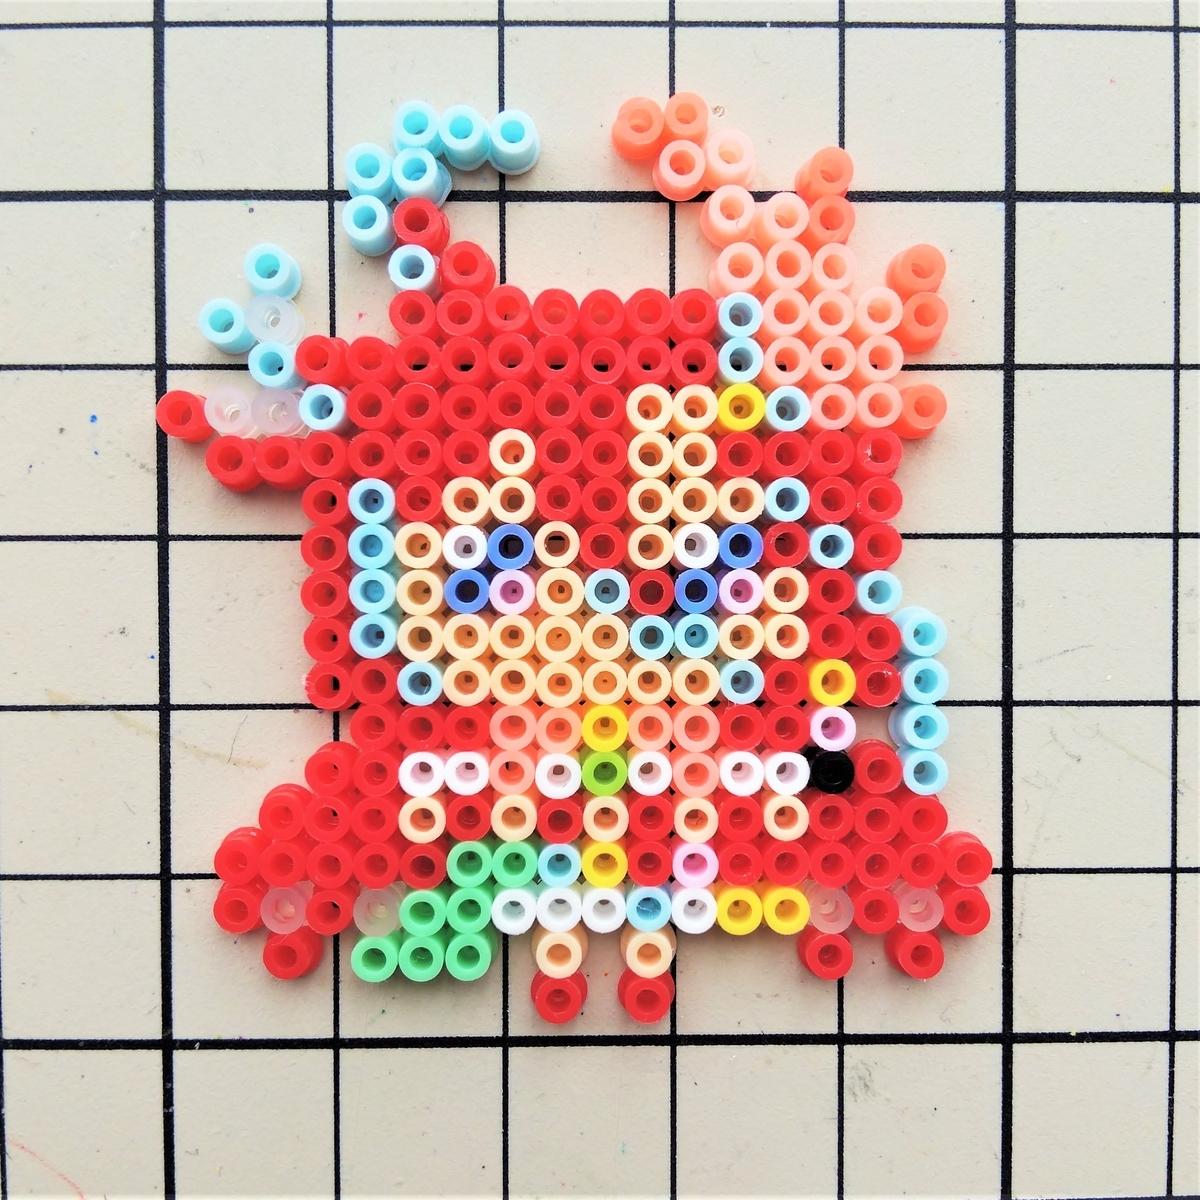 『キュアフラミンゴ』をアイロンビーズで作ってみた